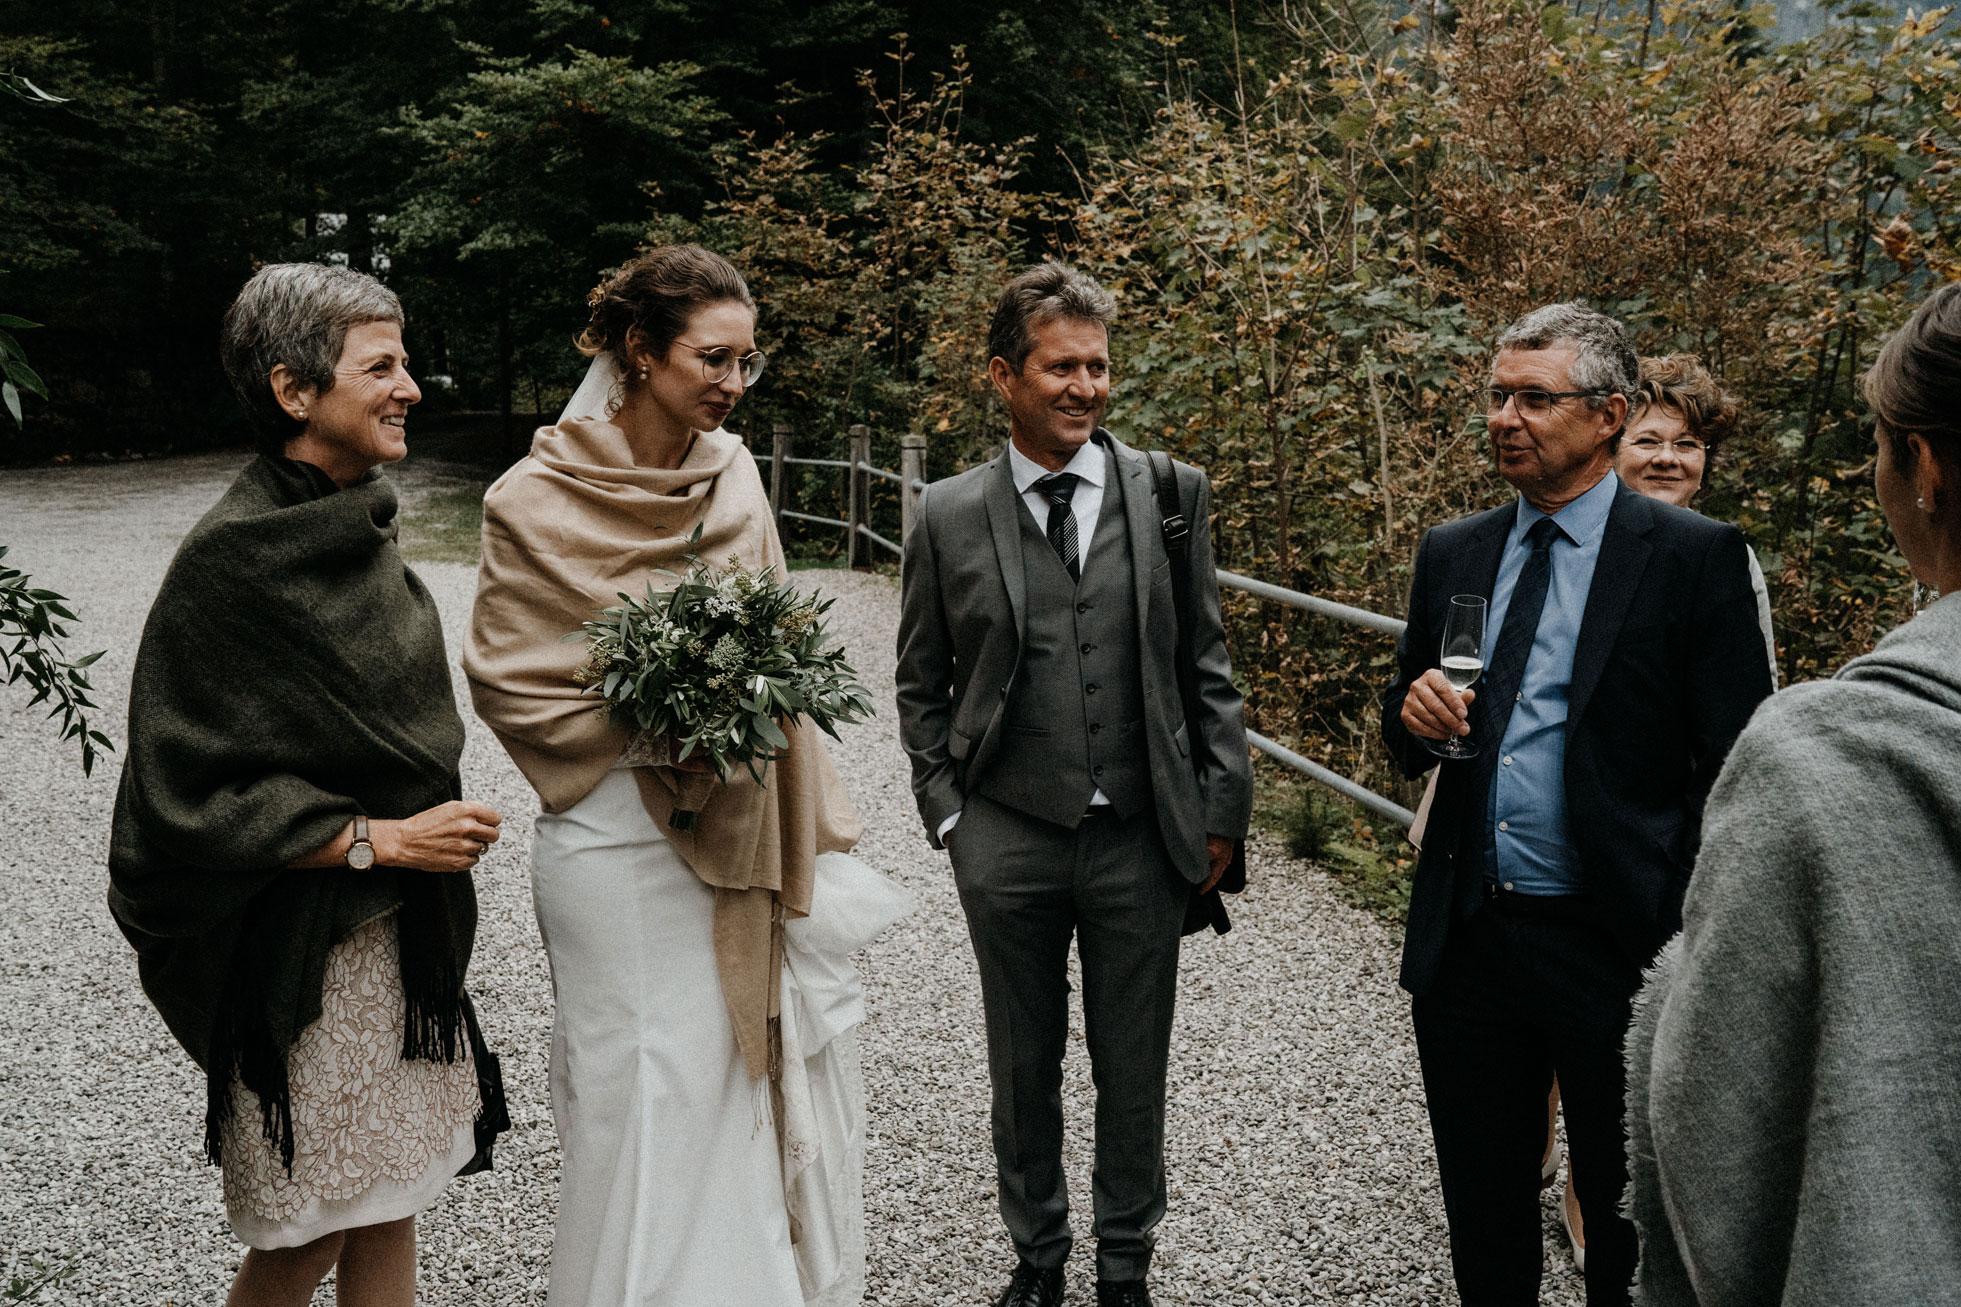 Hochzeit_Claire_Manuel_Villa_Maund_Daniel_Jenny-418.jpg